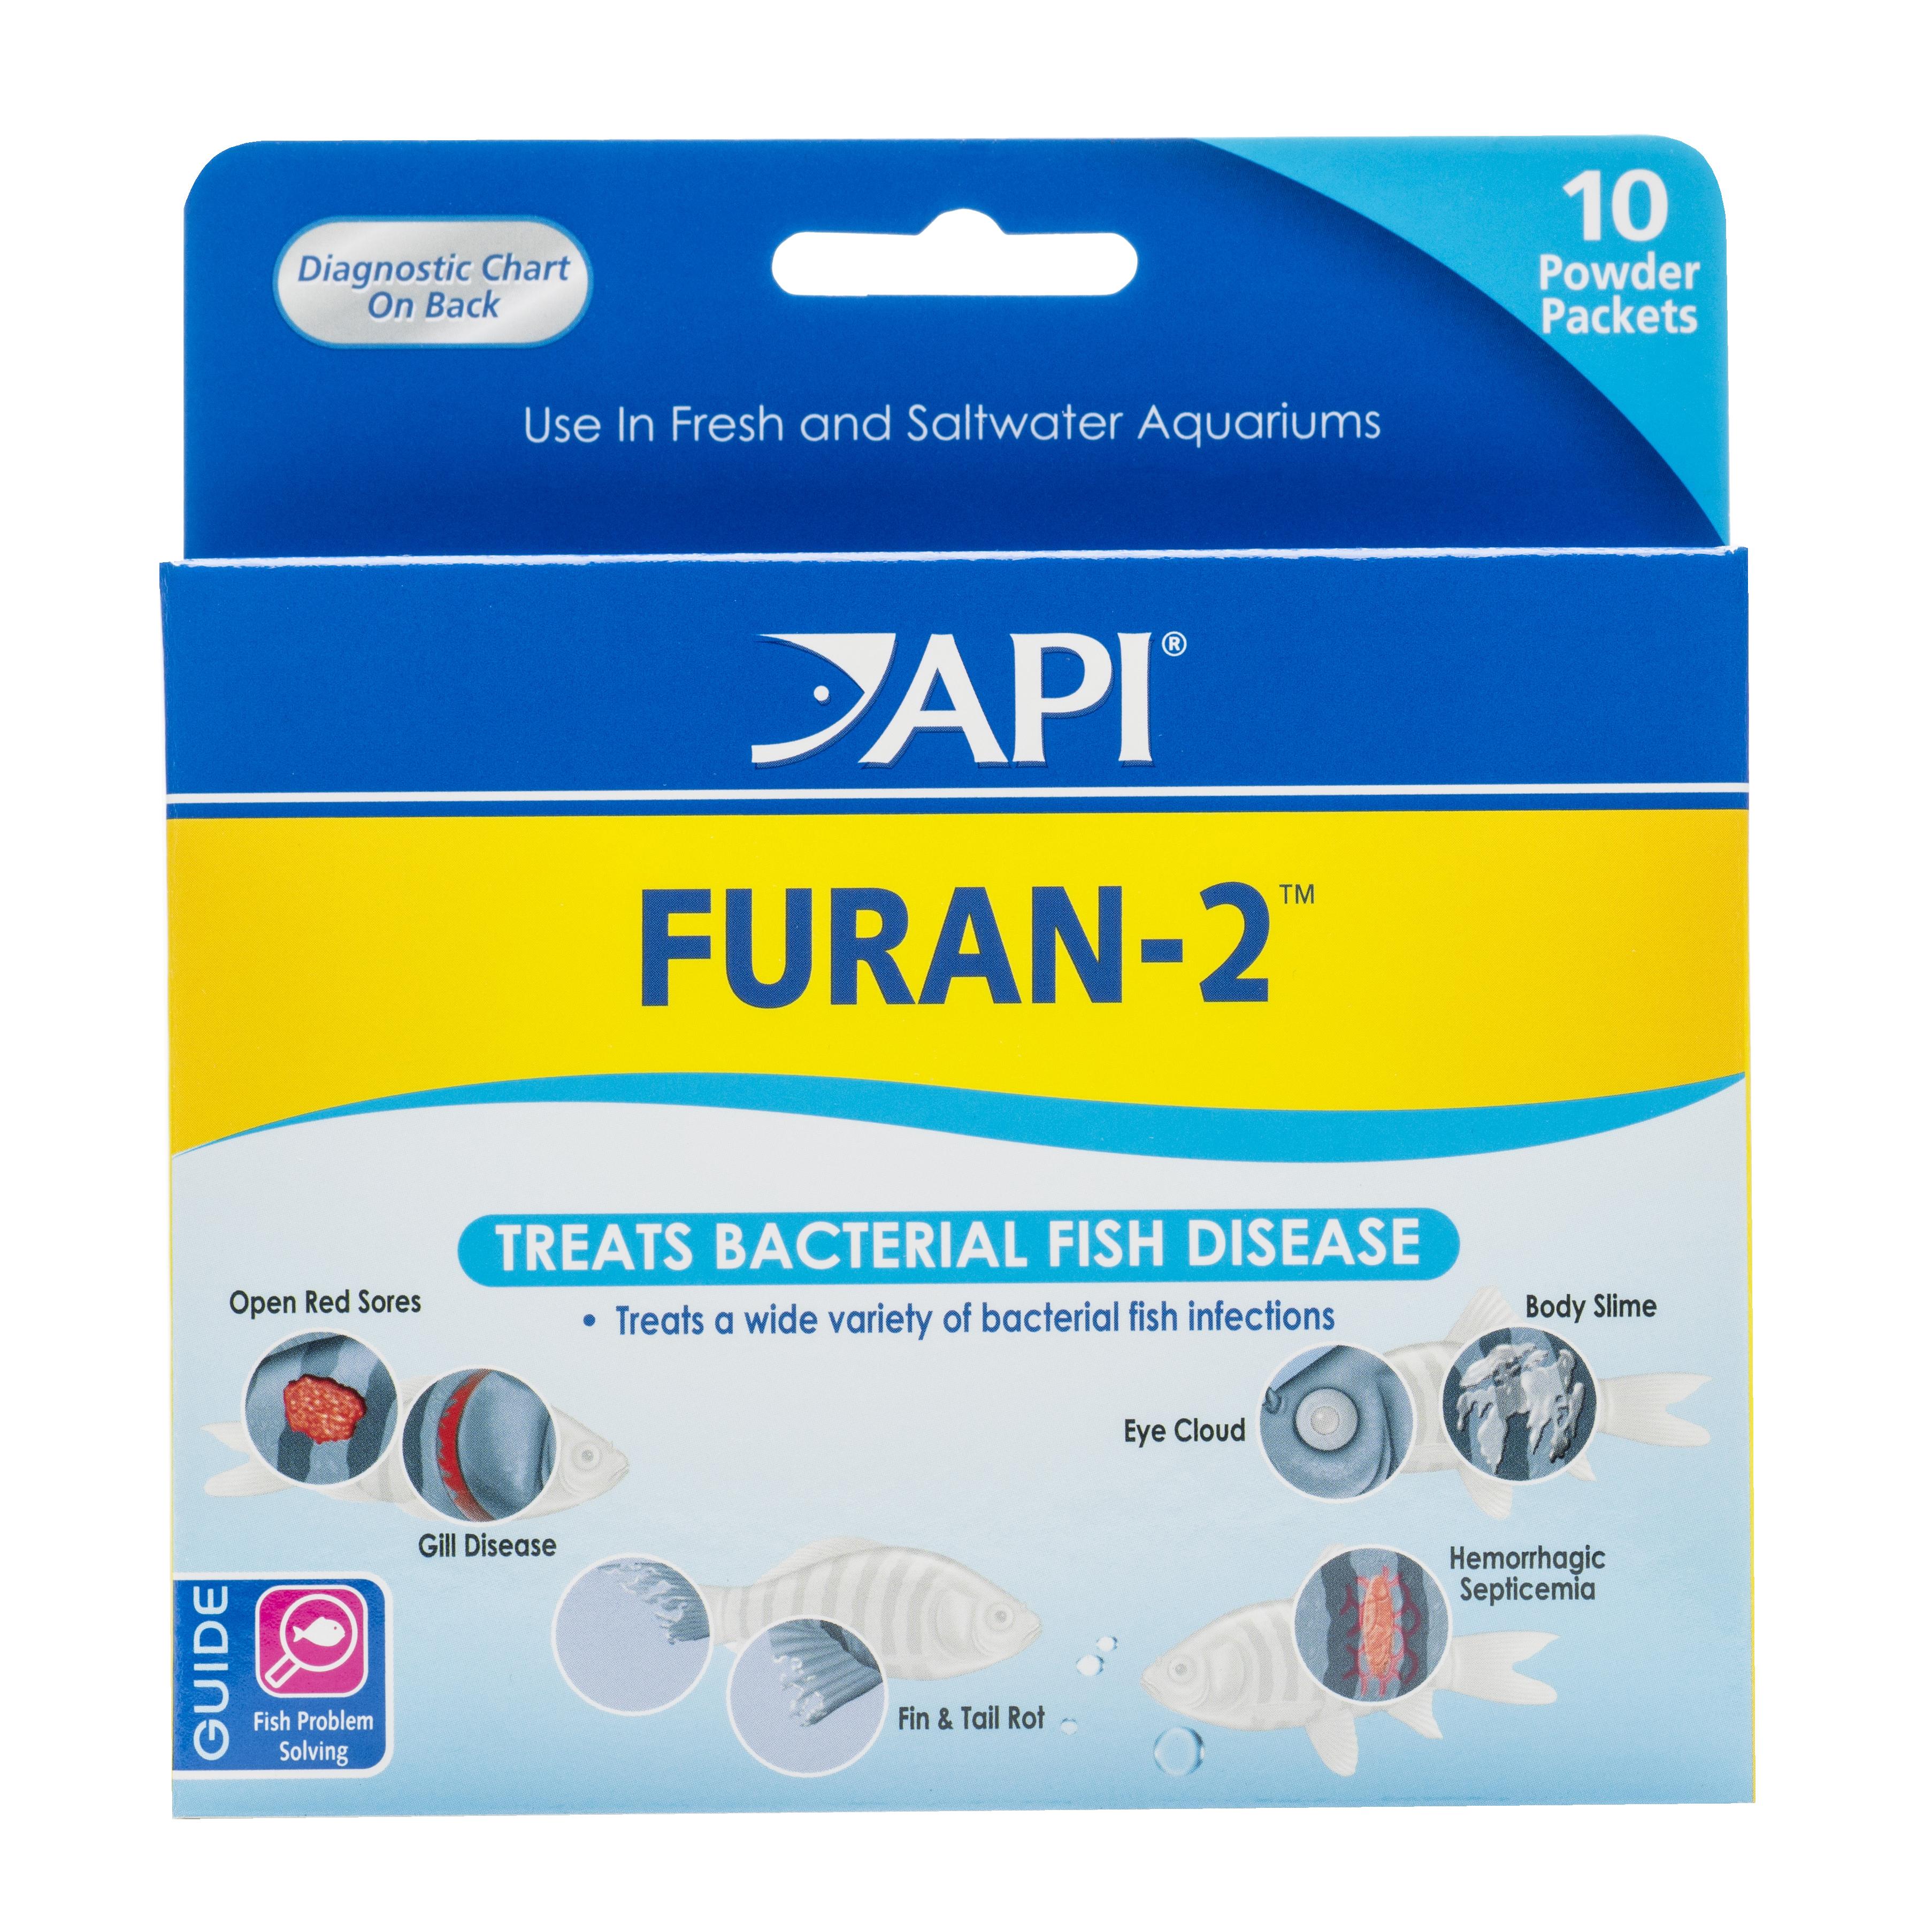 FURAN-2™